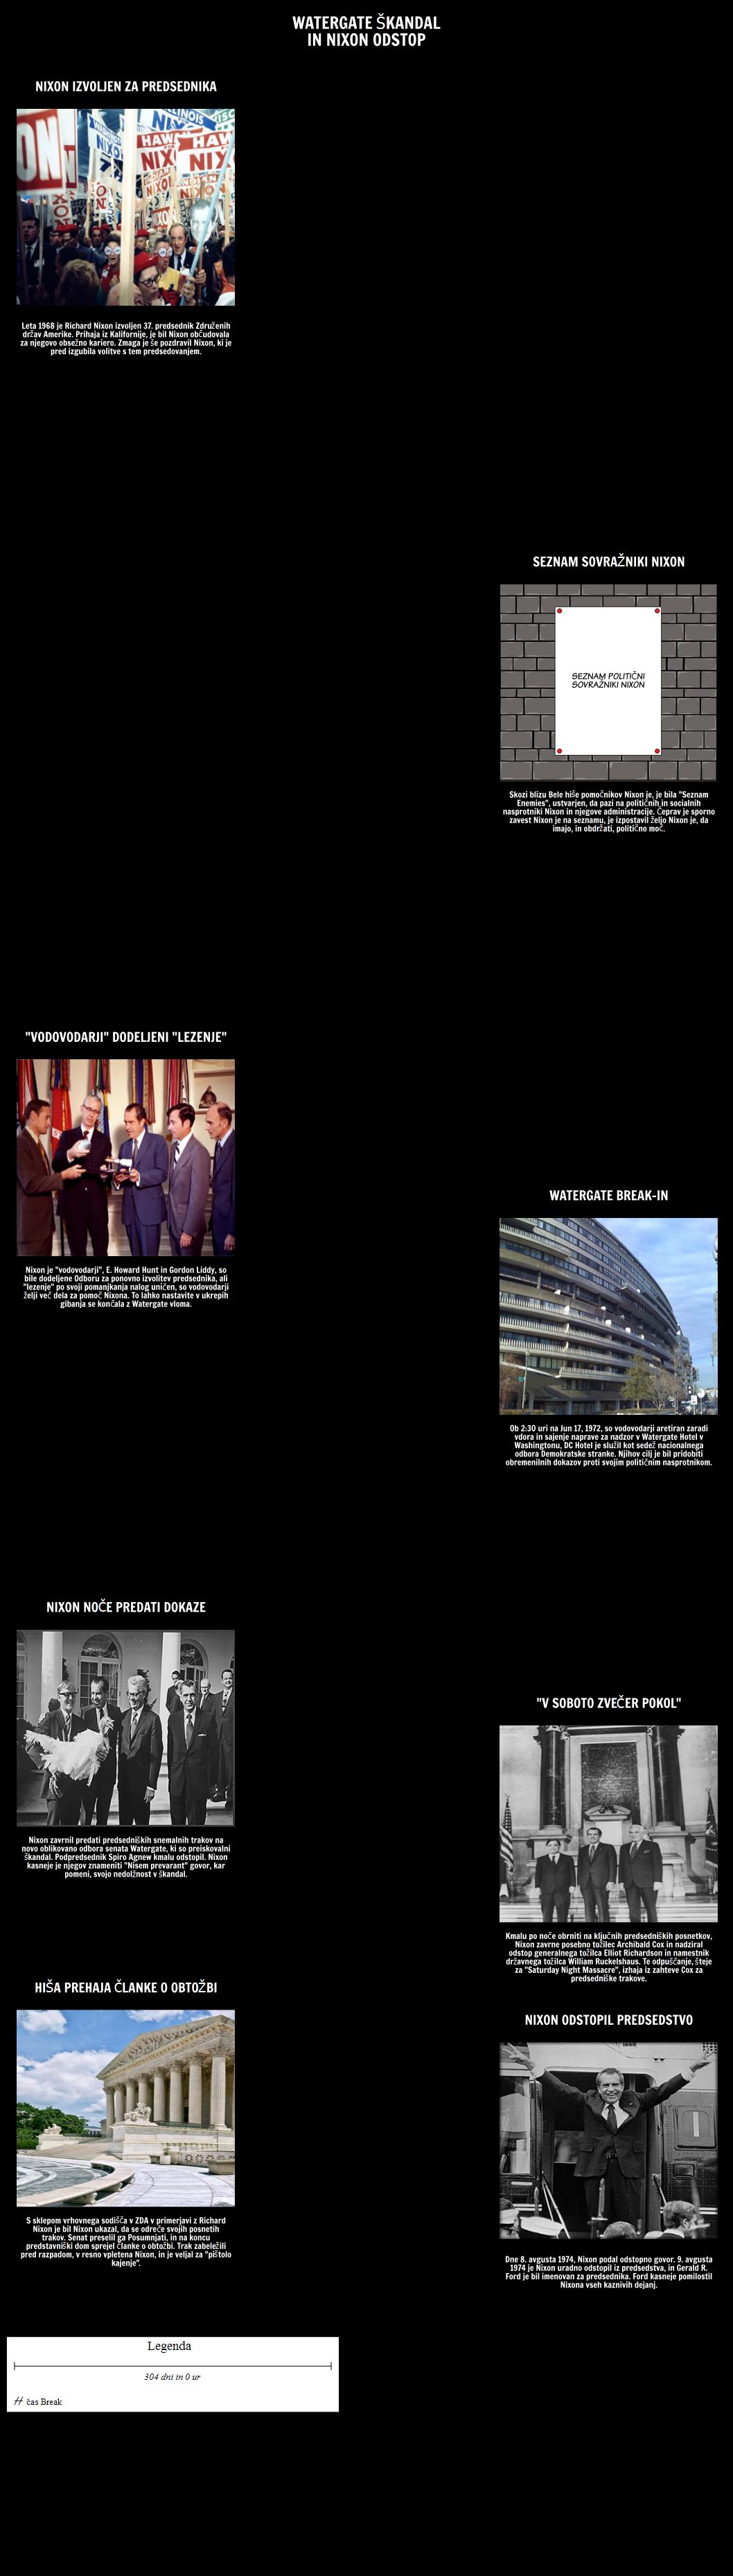 Afera Watergate Timeline in Nixon je Odstop